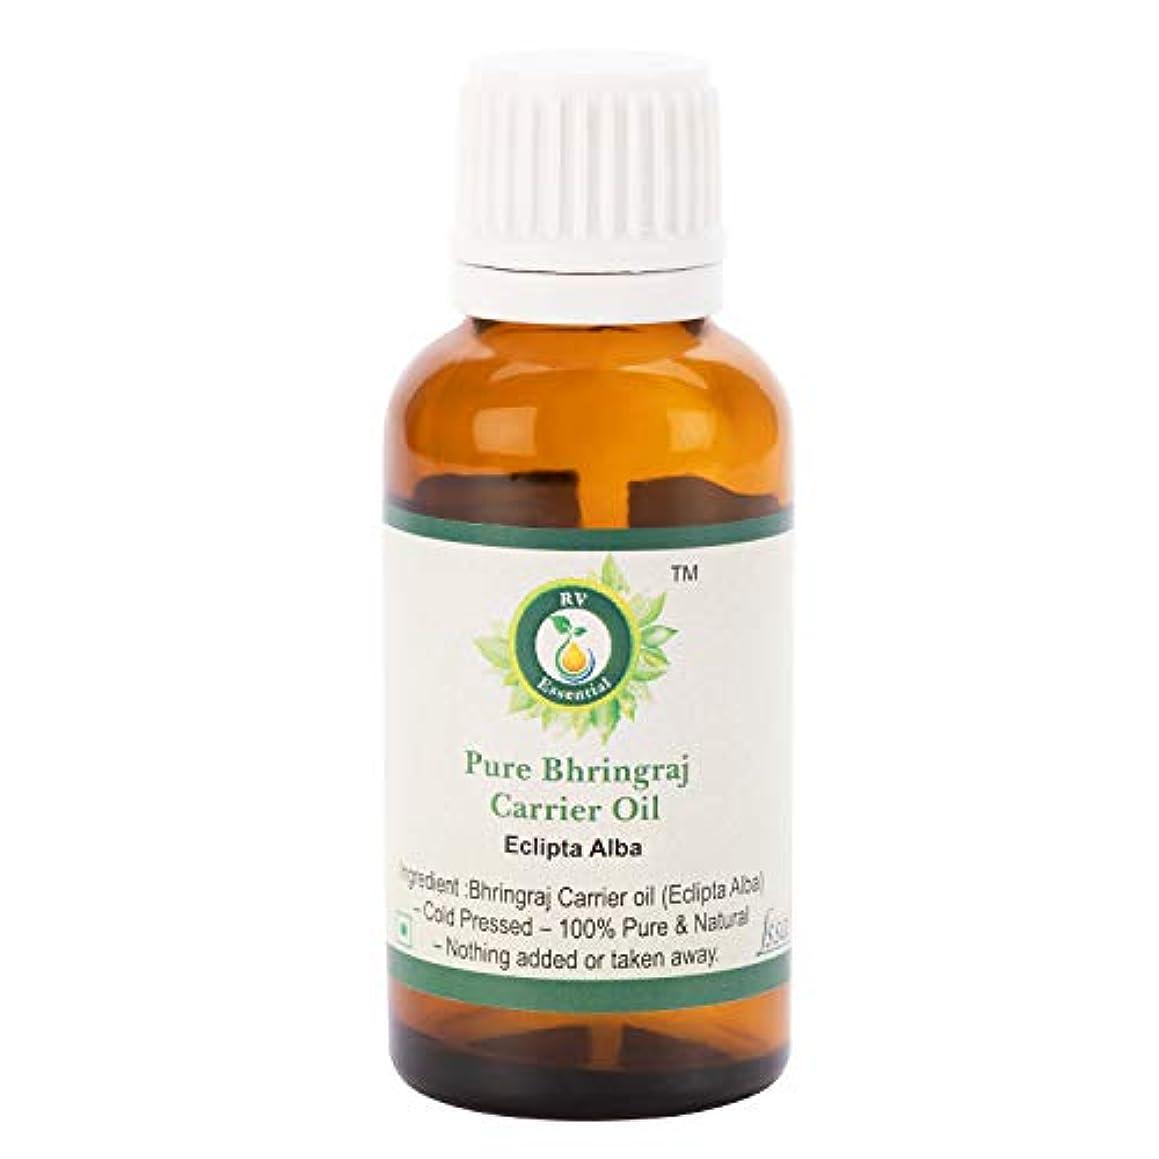 純粋なBhringraj油5ml (0.169oz)- Eclipta Alba (100%純粋で天然の希少ハーブシリーズ) Pure Bhringraj Oil